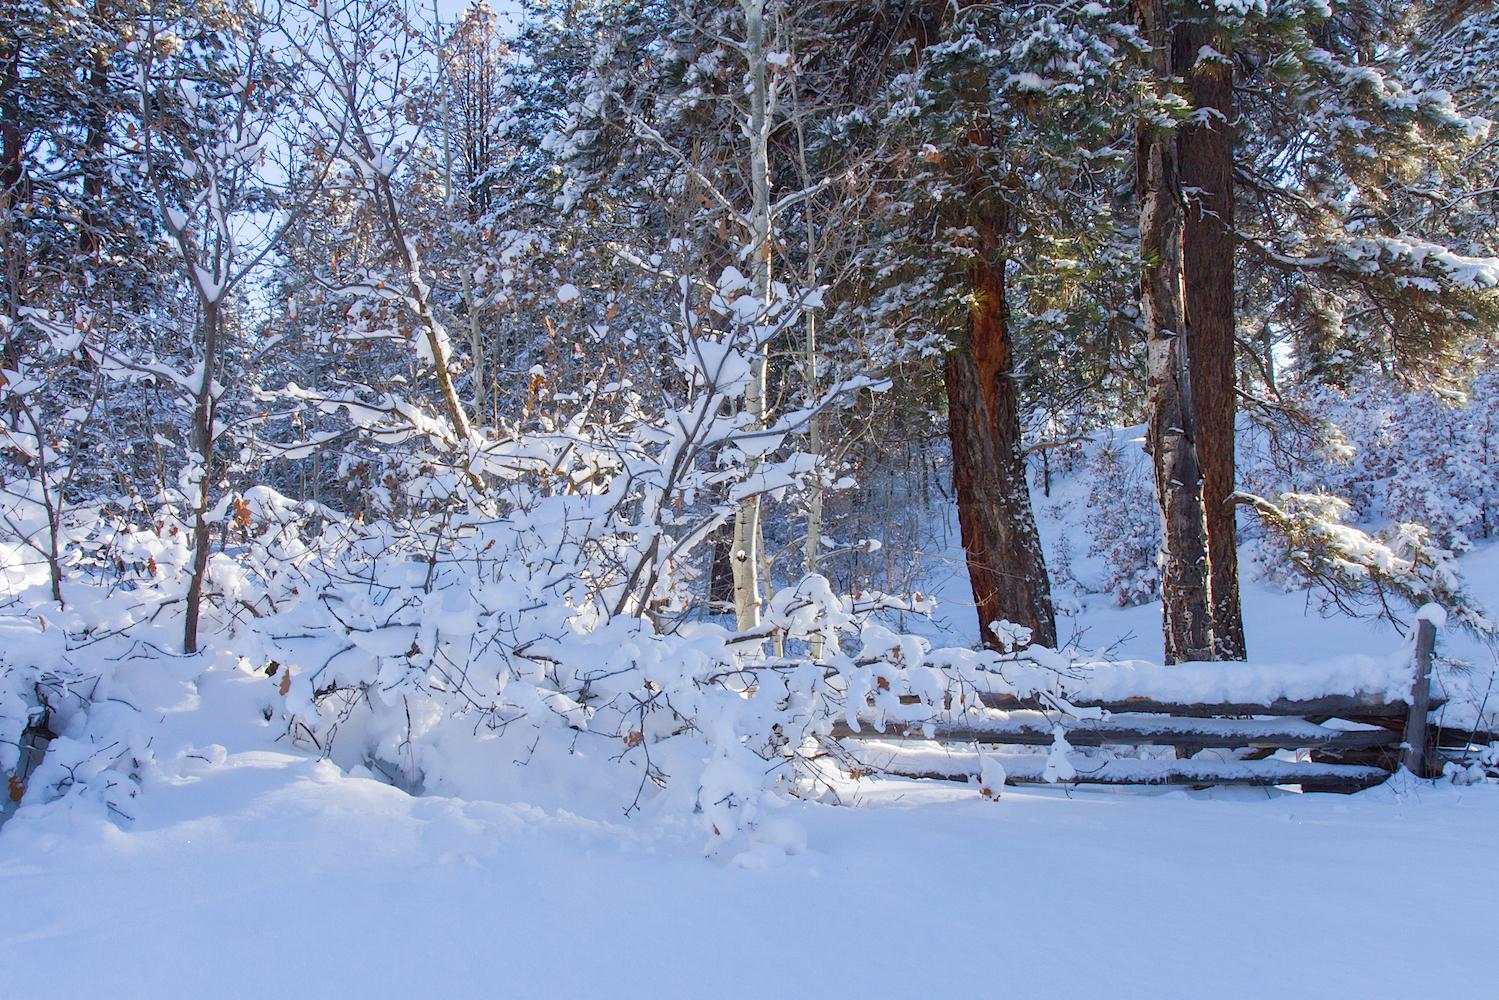 Haviland Lake Snowshoe, Image # 2066